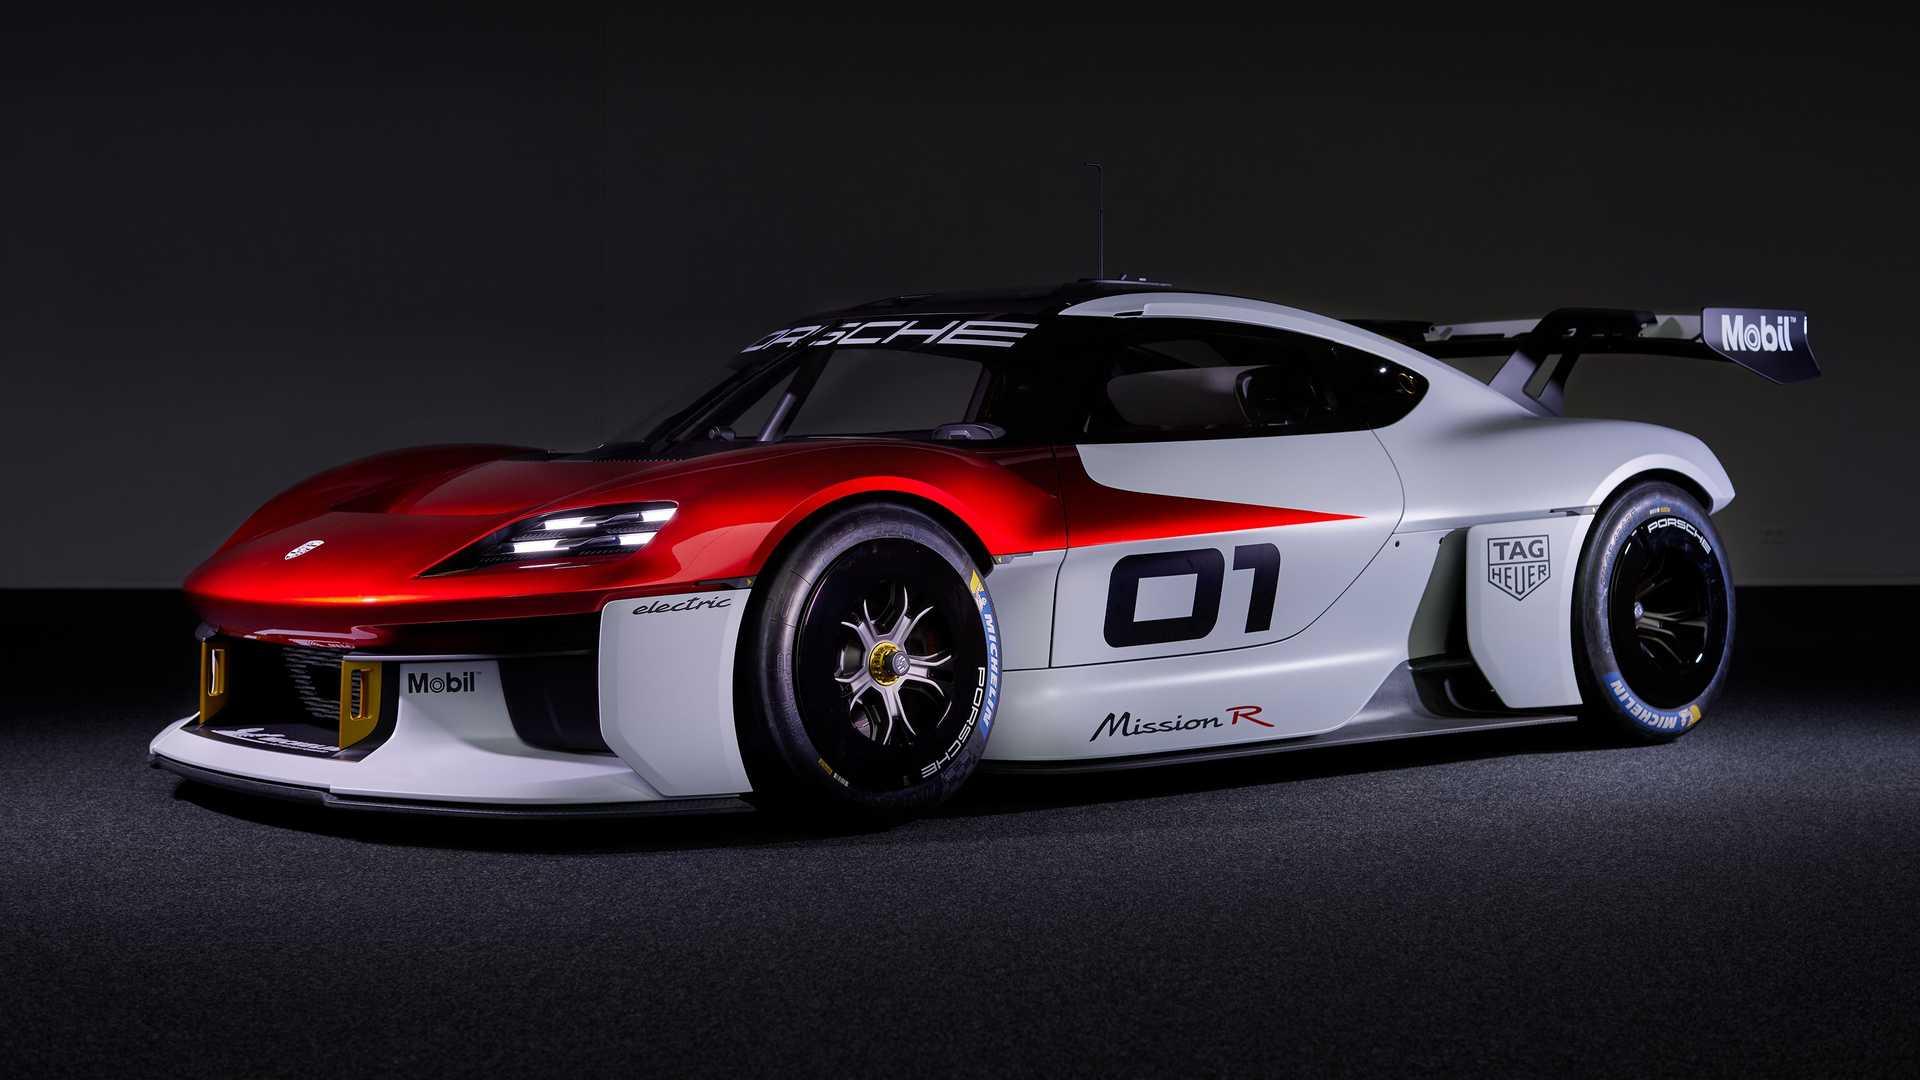 До сих пор остается загадкой, станет ли следующий Porsche 718 батарейным, гибридным или сохранит ДВС без электрических надстроек. Однако издание Car and Driver проливает свет на планы компании: неназванные источники внутри Porsche говорят о том, что в 2024 году мы увидим экологически чистую версию.